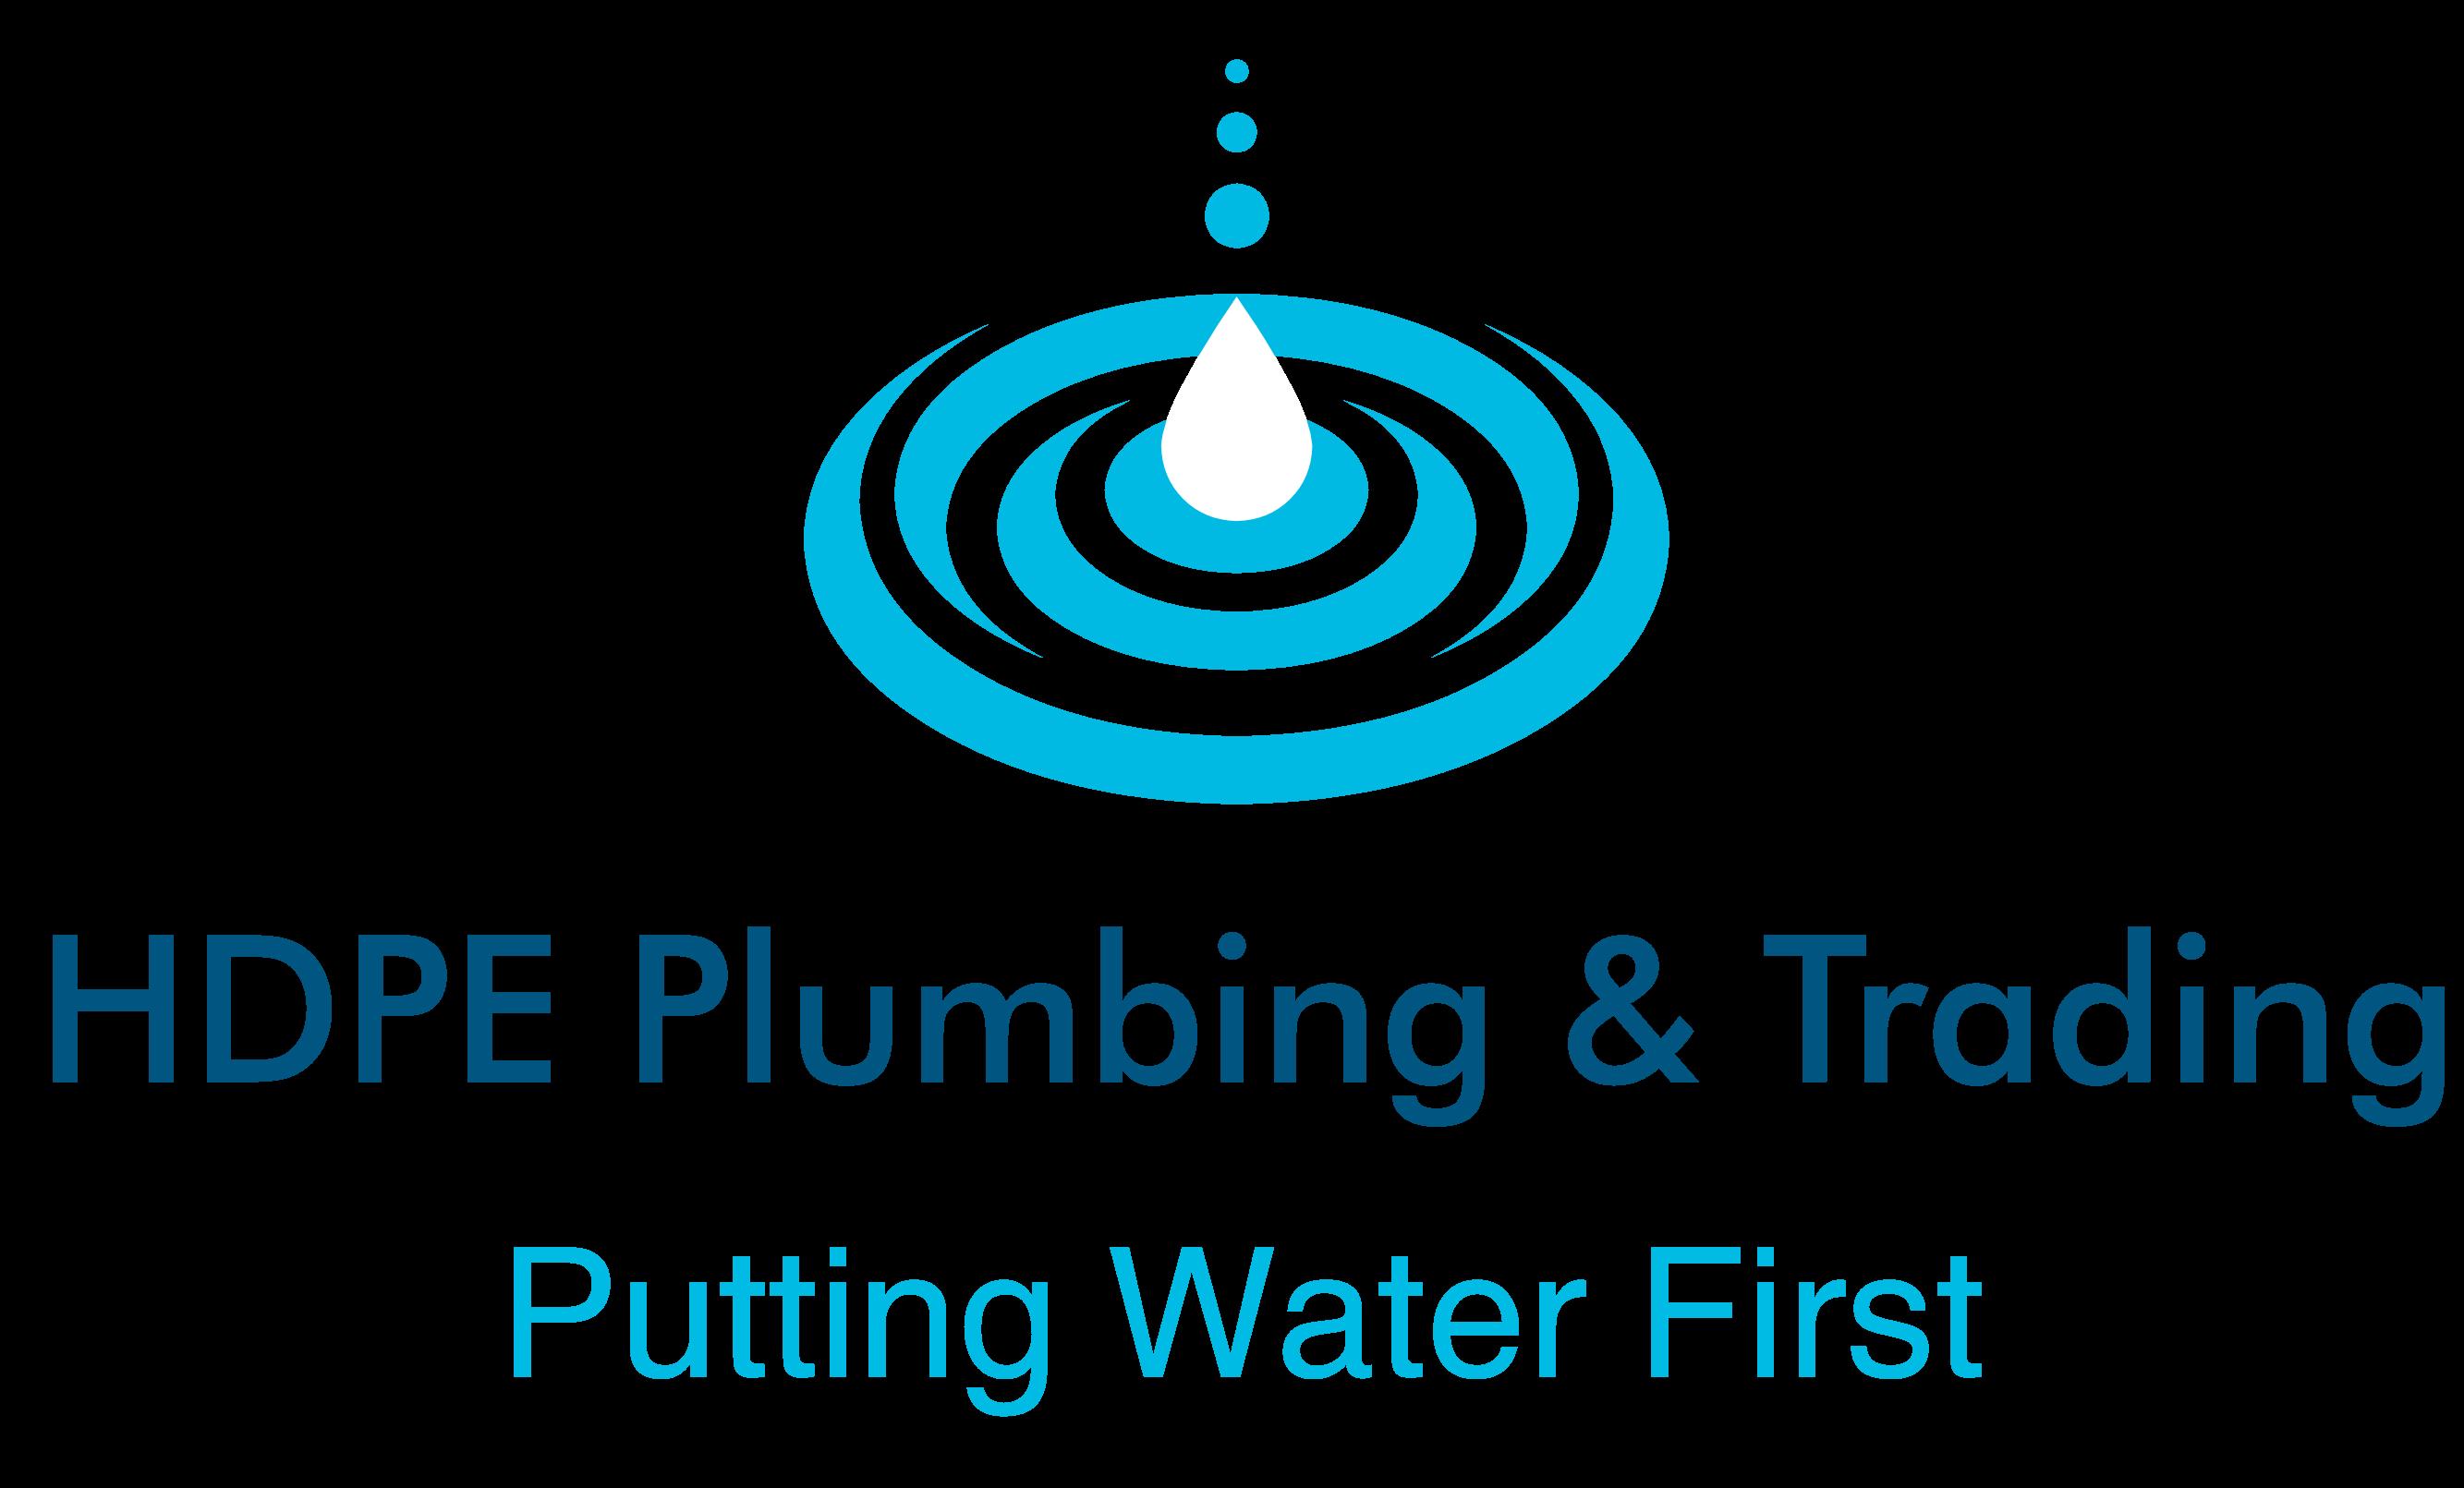 HDPE Plumbing & Trading